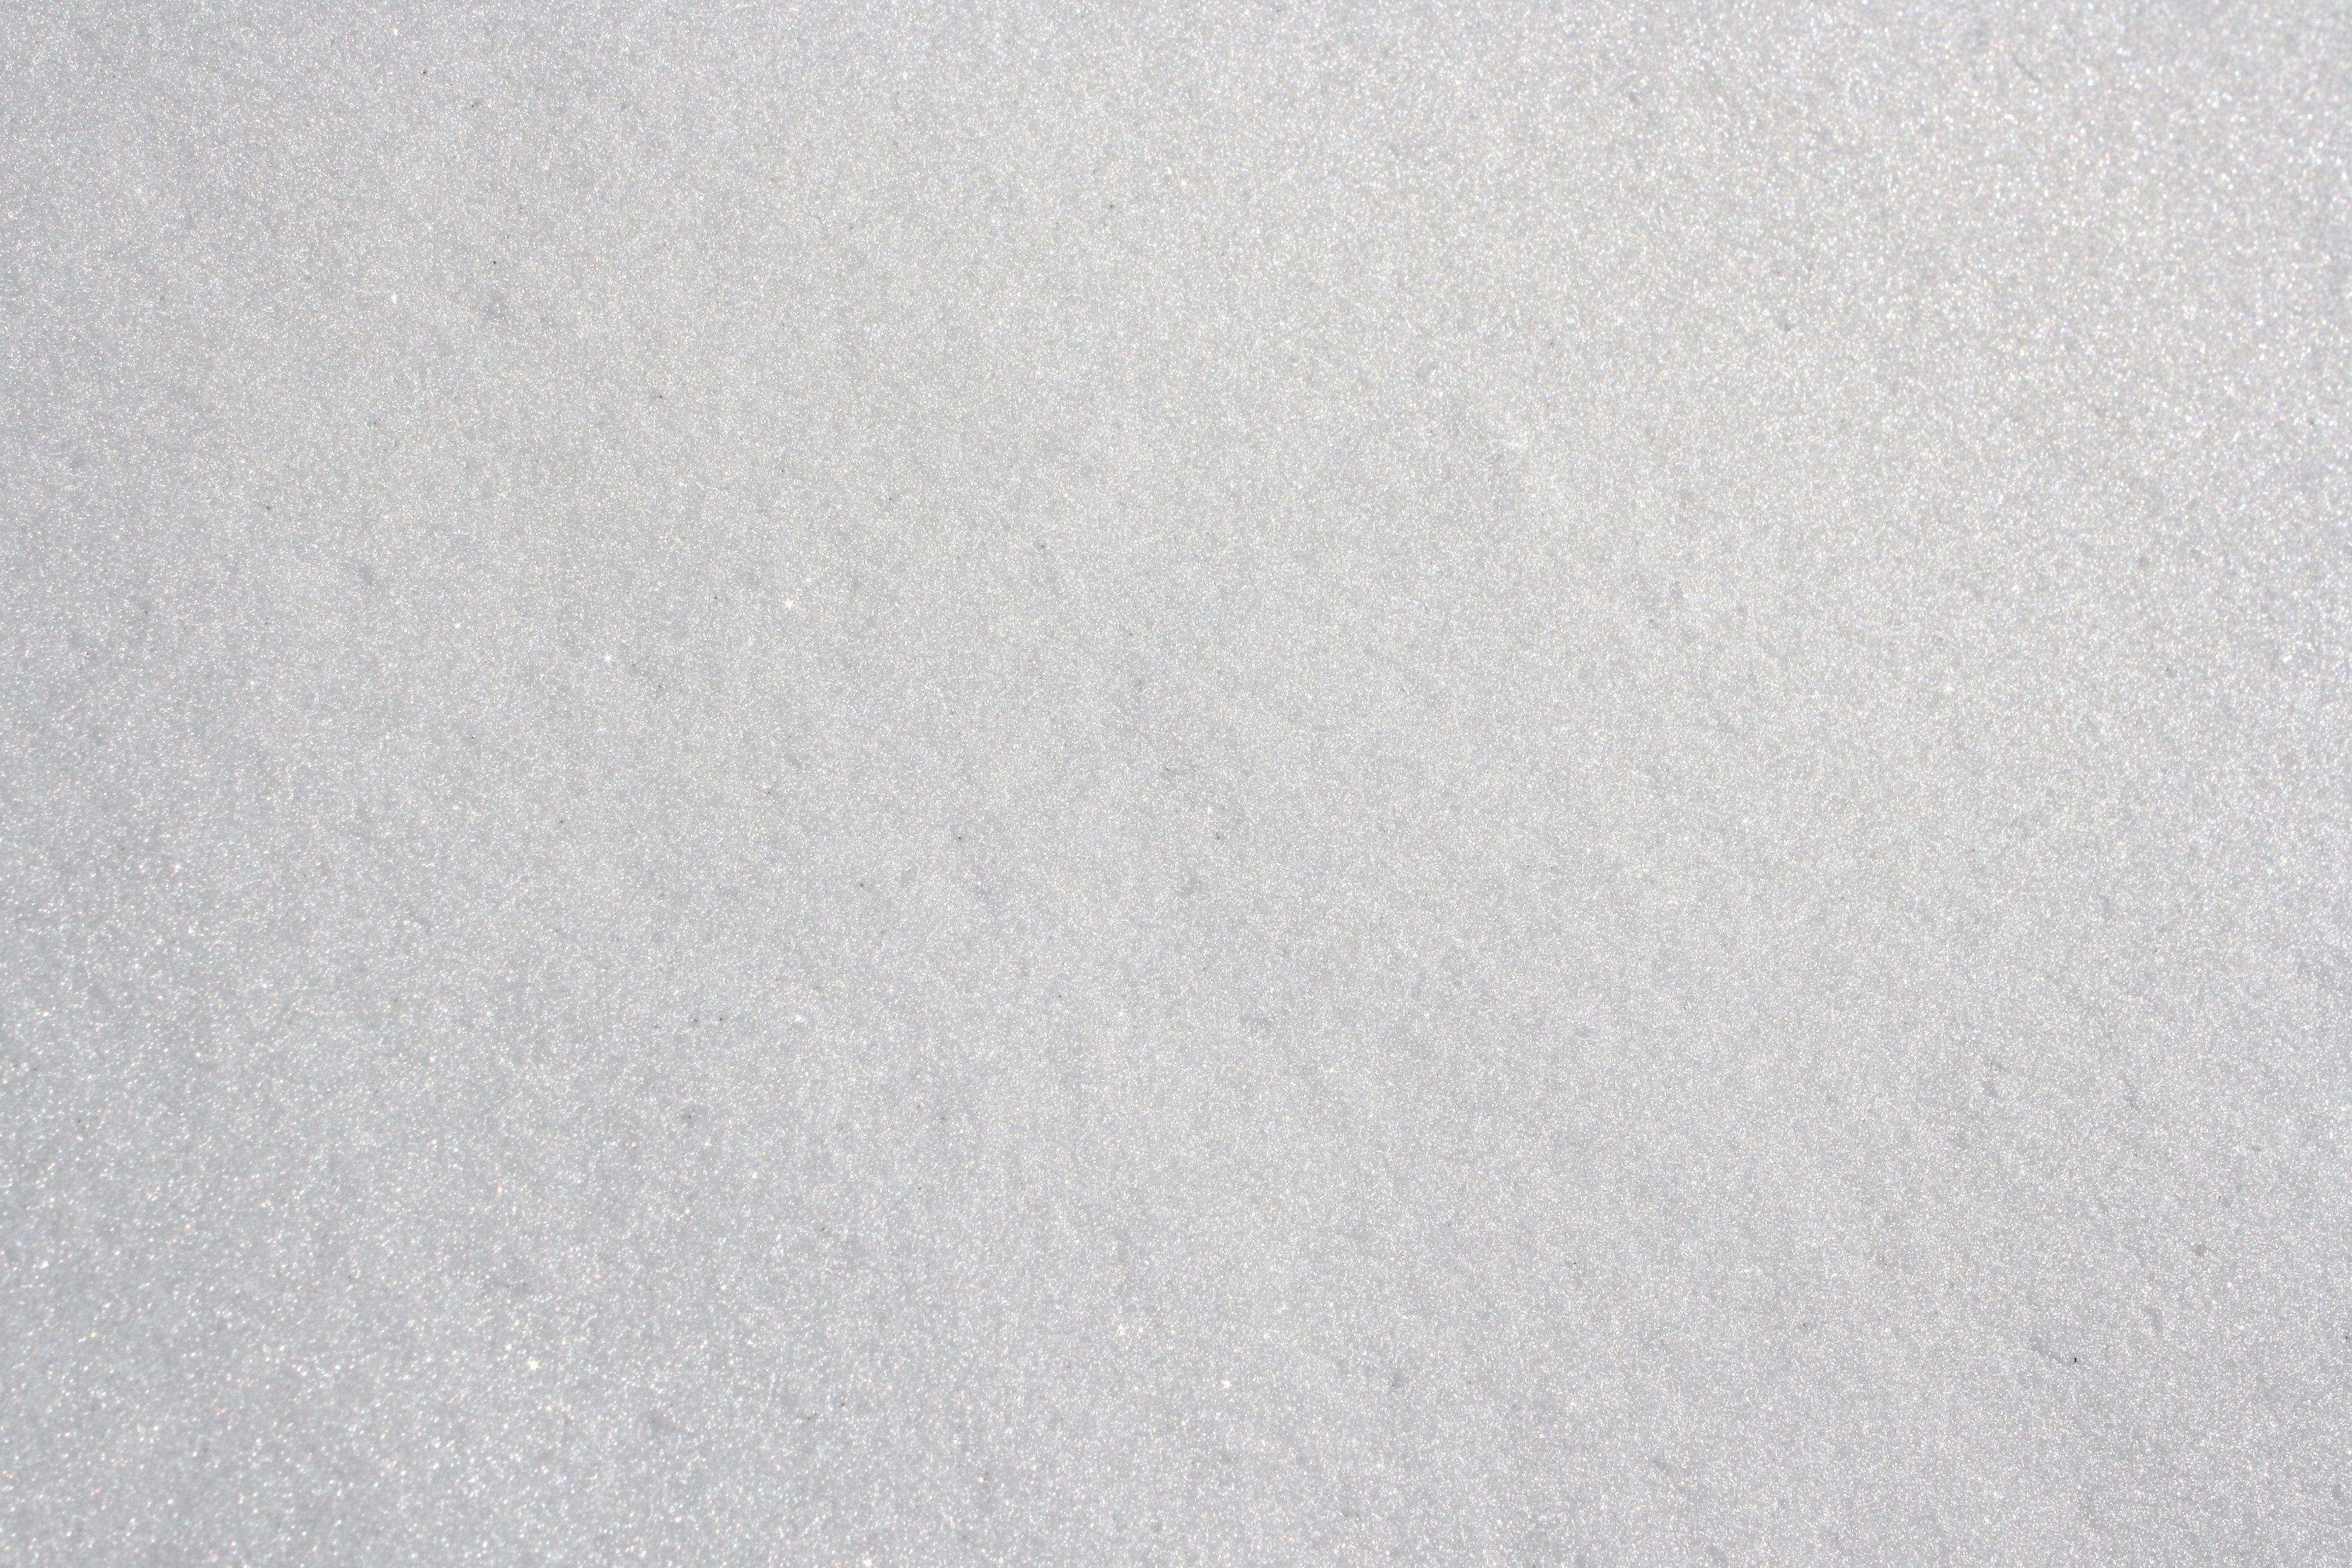 Bas Relief En Cours De Creation Papier Aquarelle Grain Fin